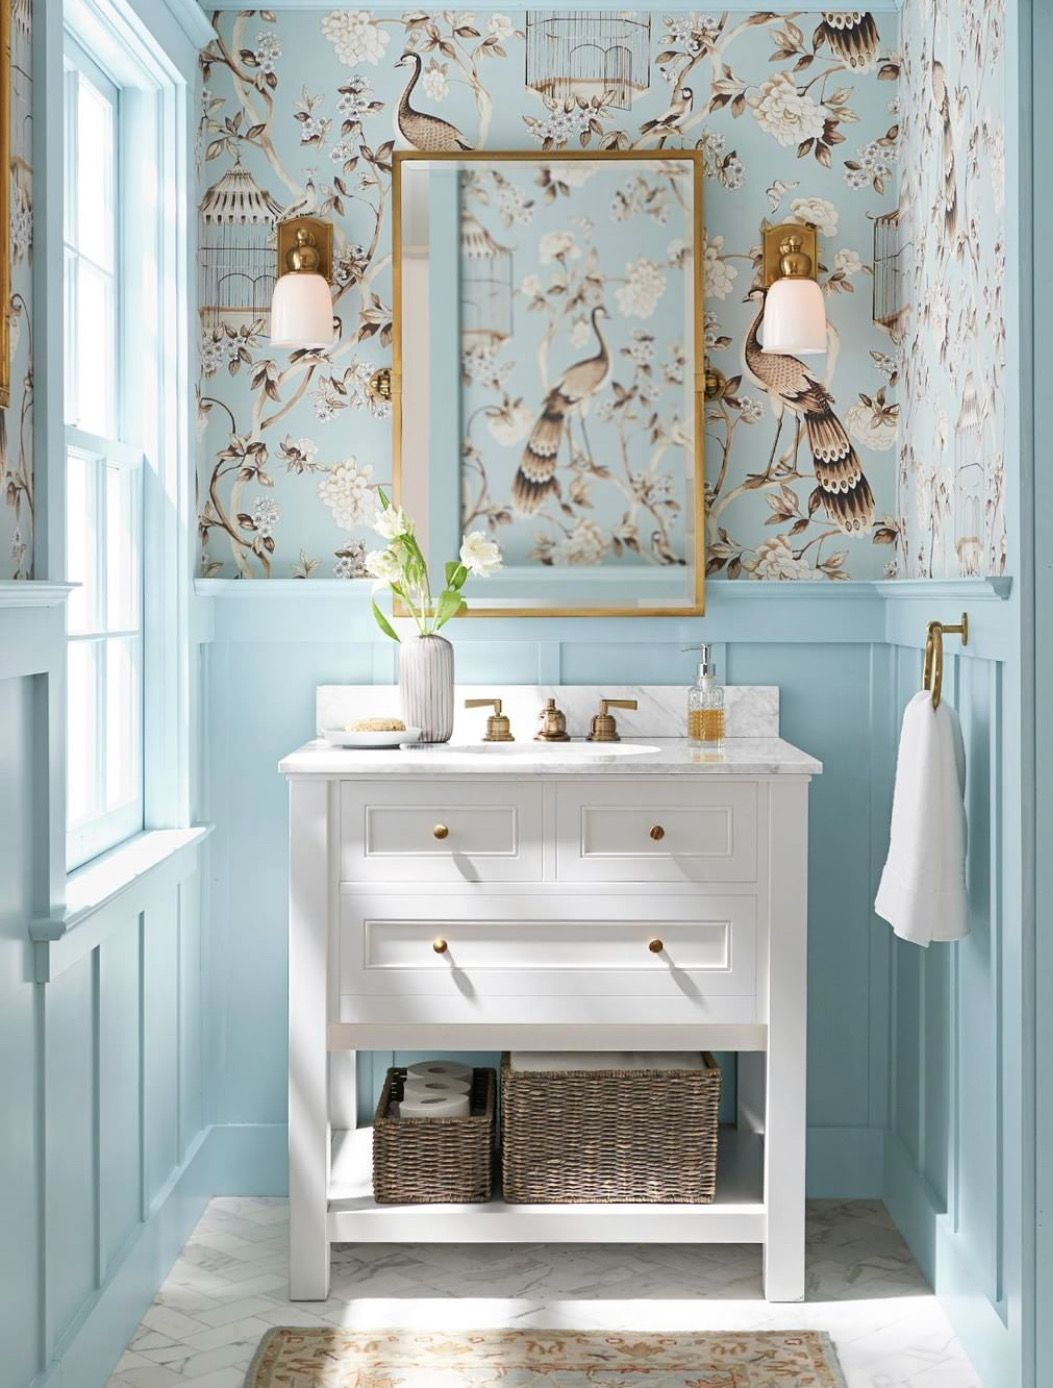 Papier peint oiseau paon - salle de bain bleu ciel - bleu ...